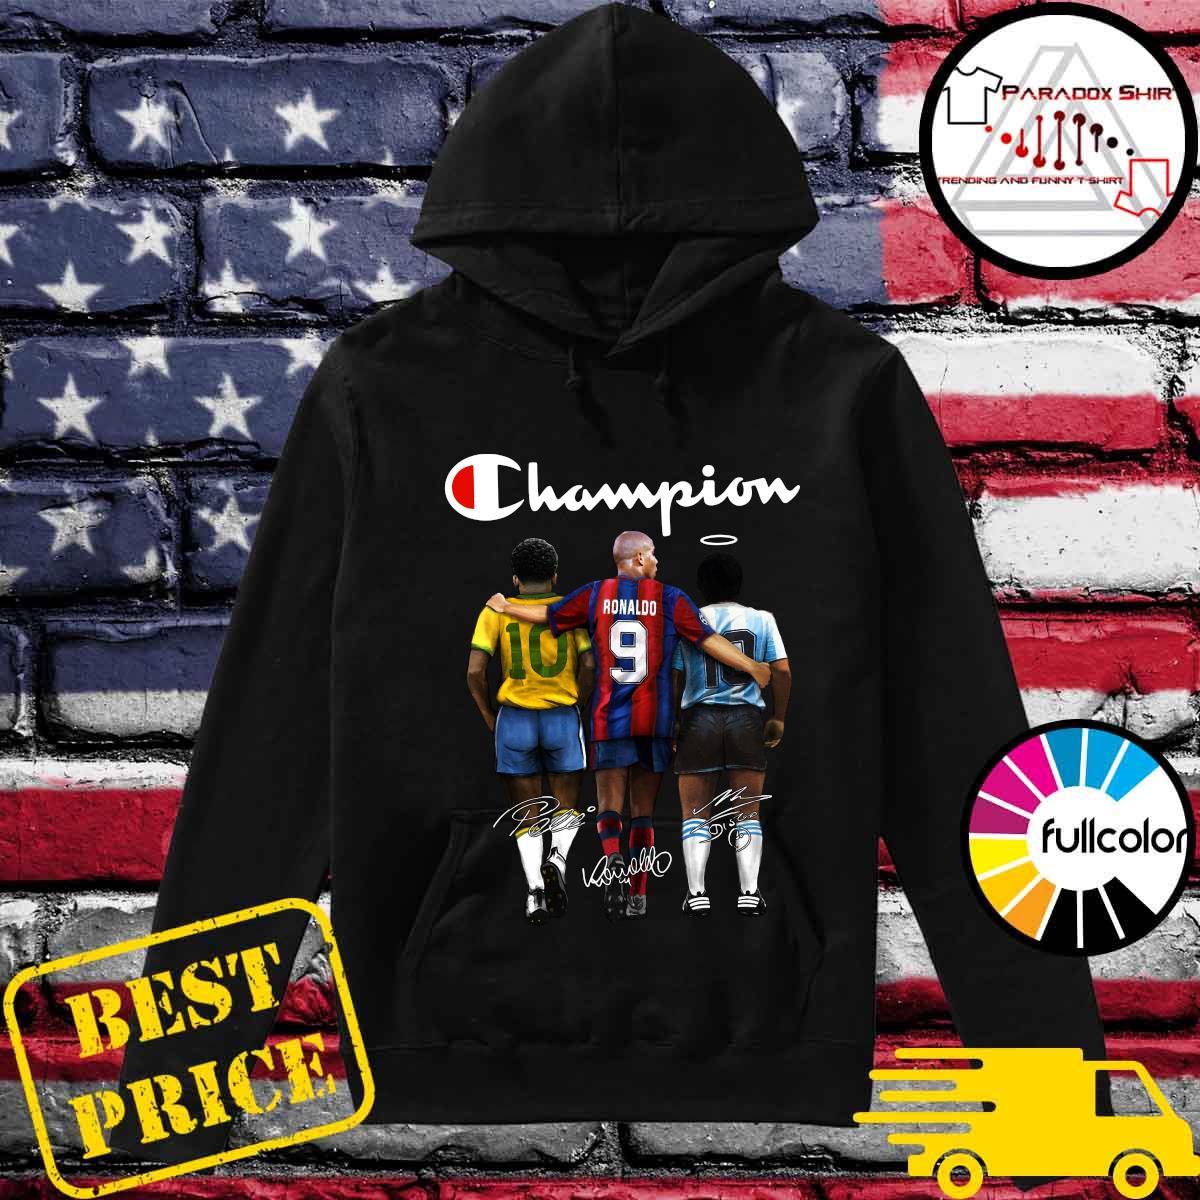 Champion 10 Pelé Ronaldo 9 Diego Maradona 10 Signatures Shirt Hoodie